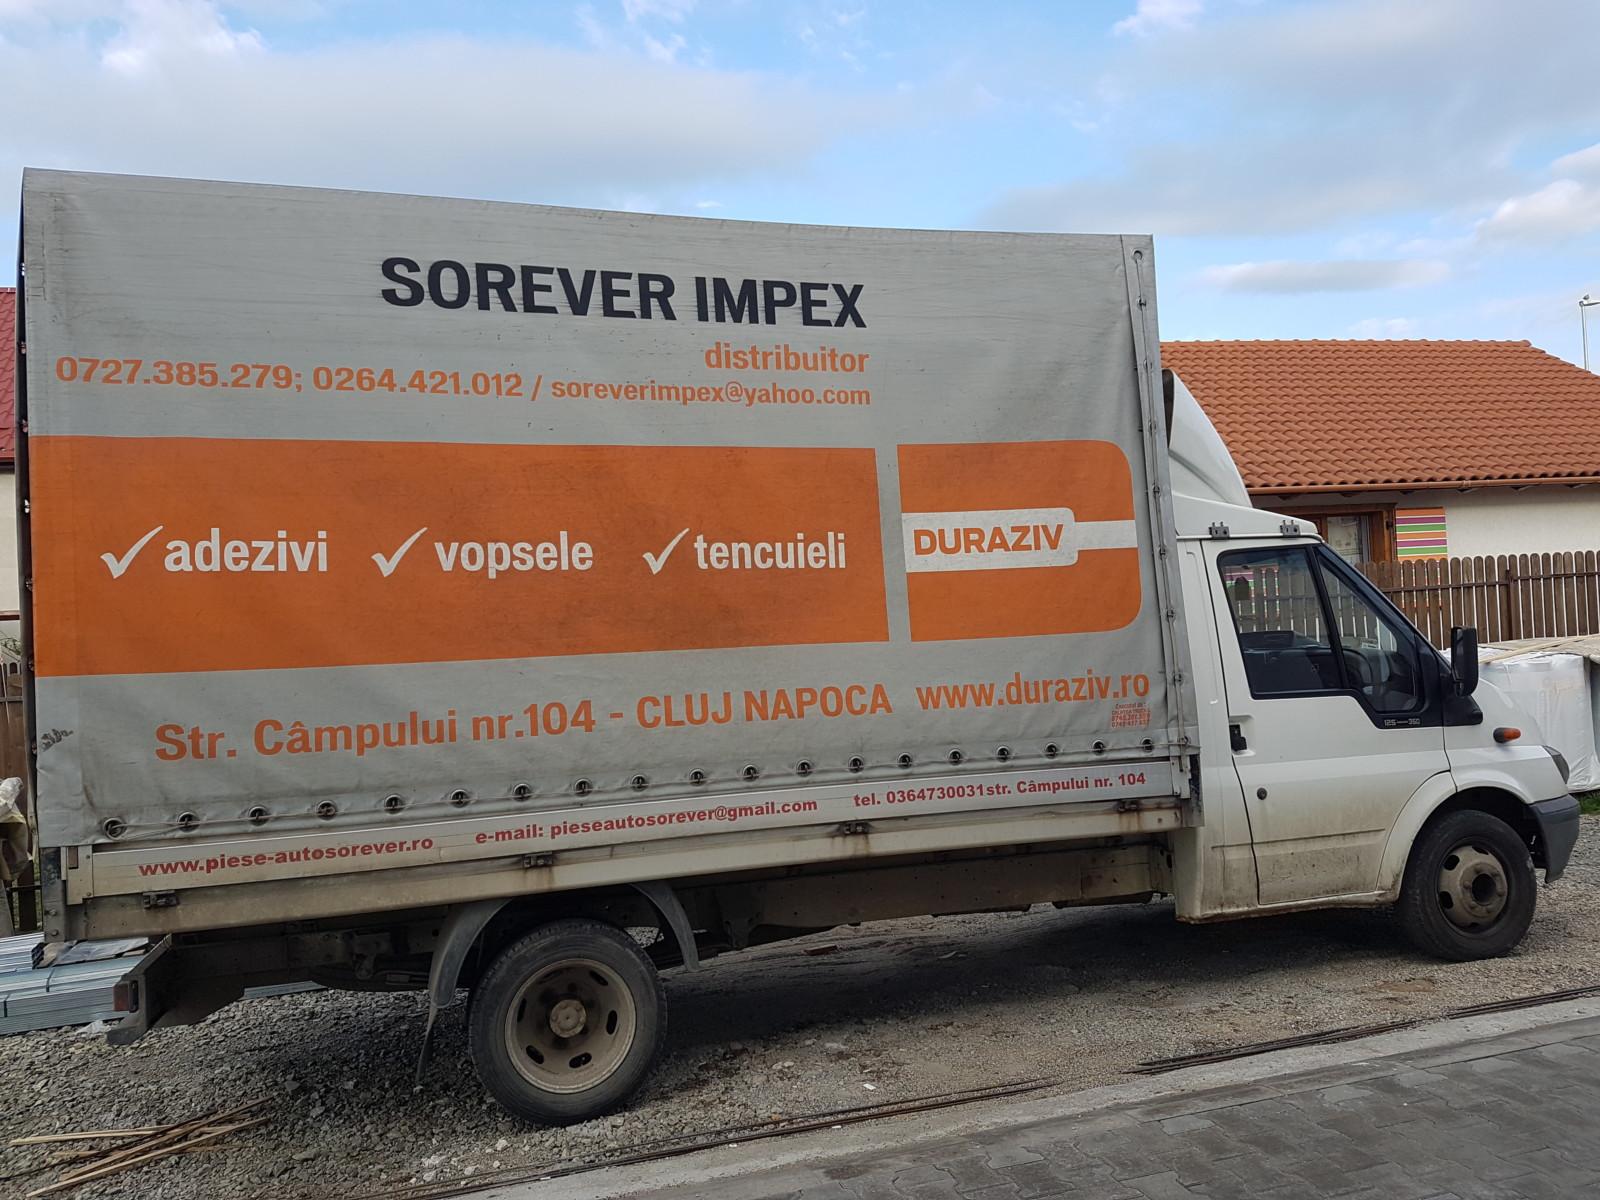 Transport gratuit de la suma de 1000 lei in orasul cluj napoca